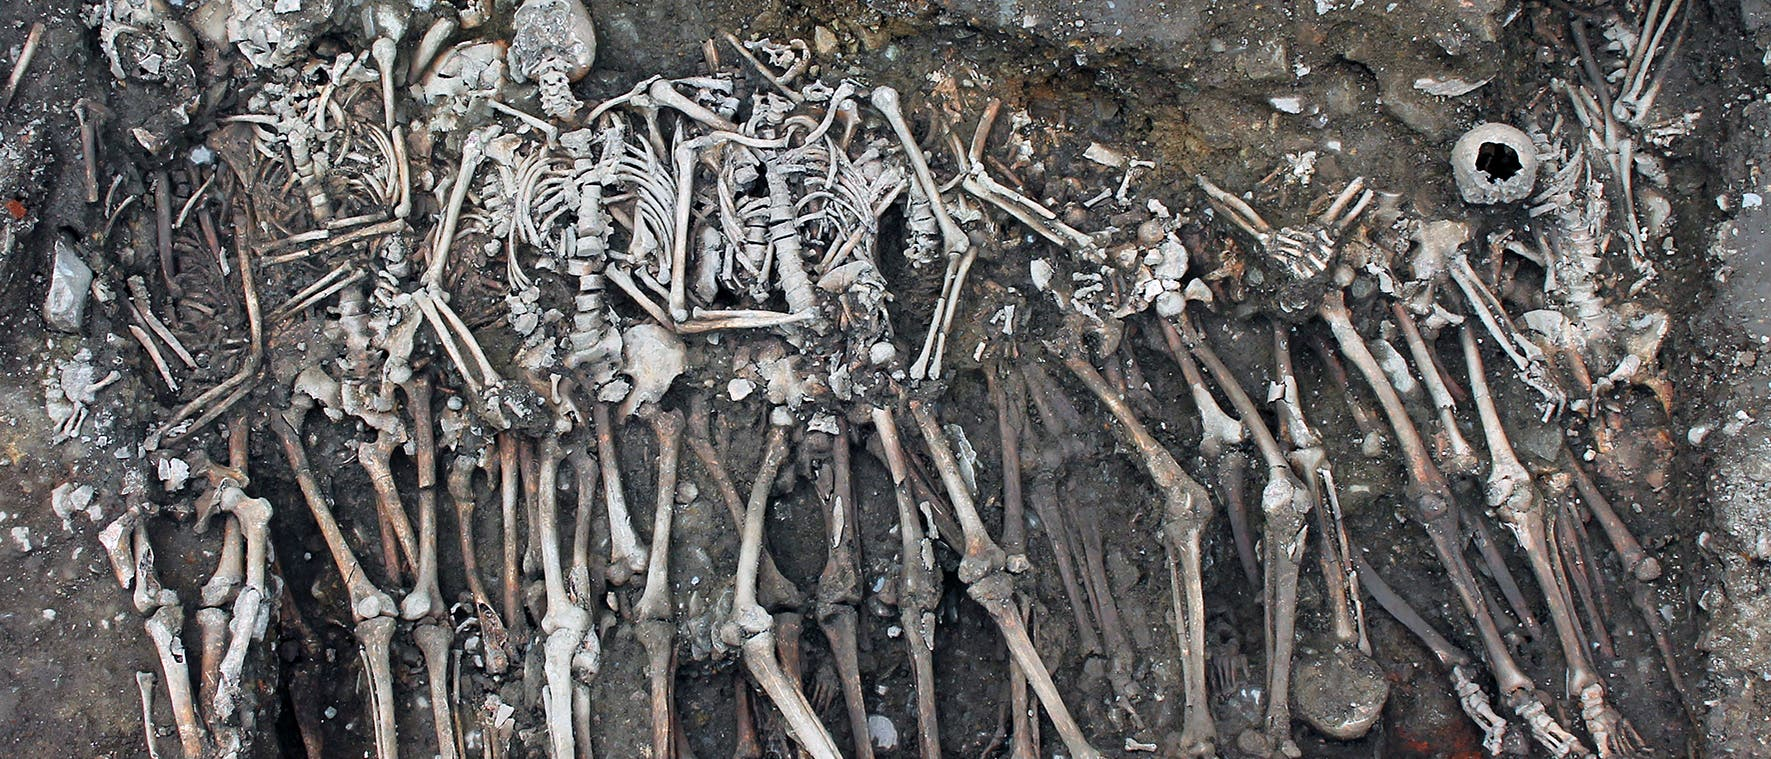 Ein gut drei Meter langer Graben enthielt mindestens 28 Skelette